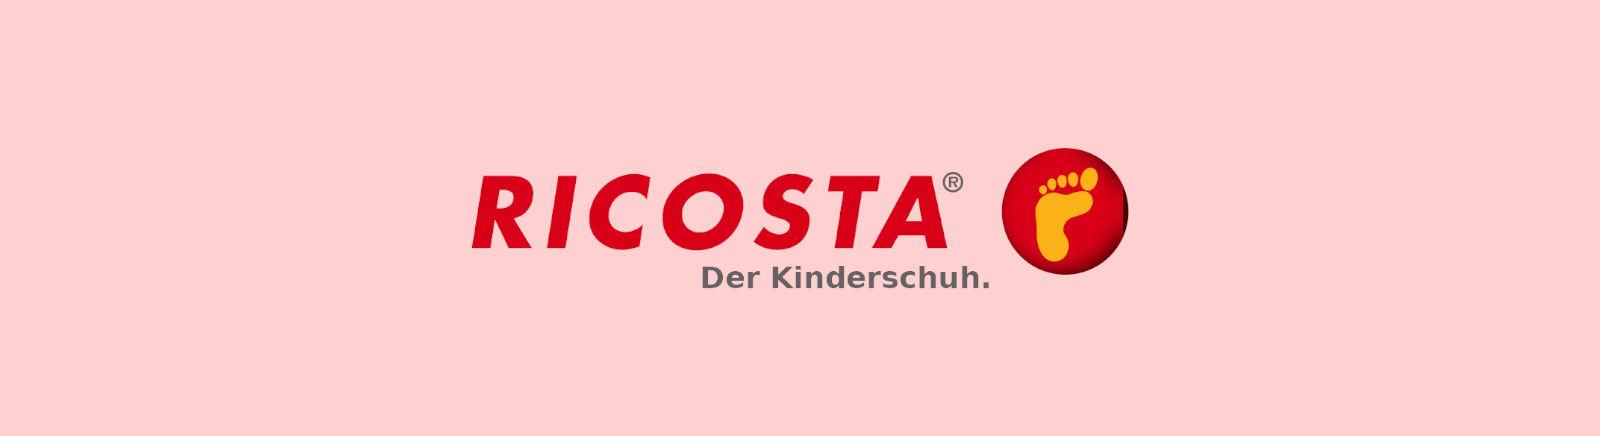 Ricosta Kinderschuhe online kaufen im Shop von GISY